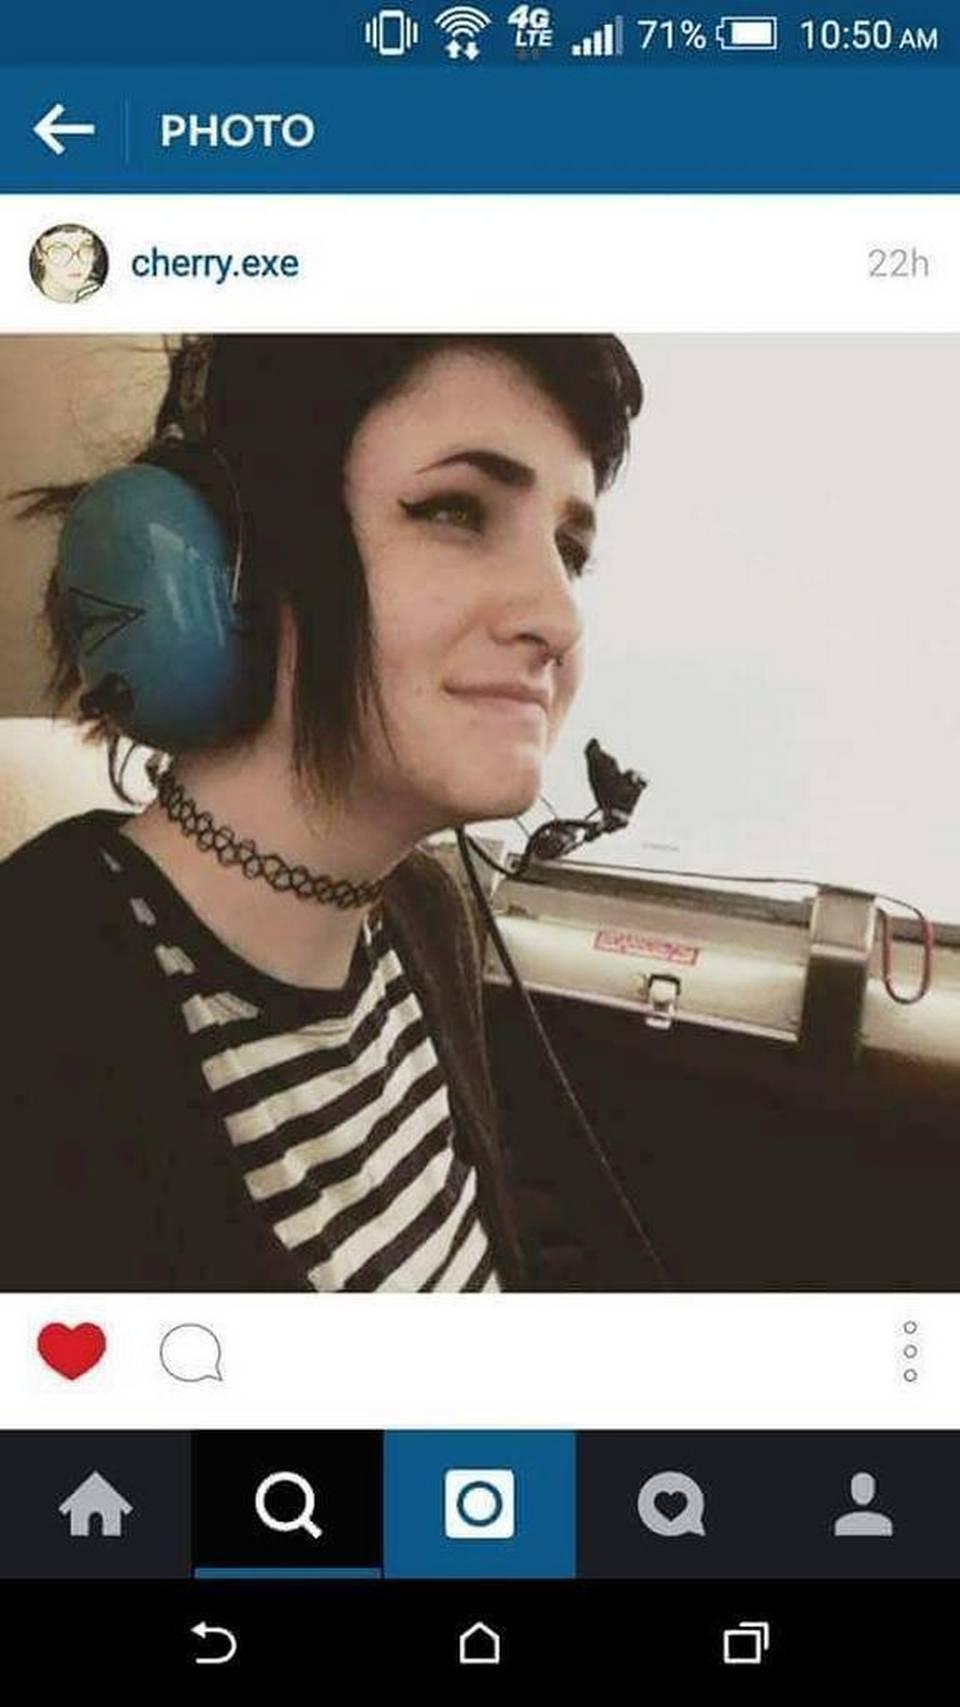 Une adolescente américaine retrouvée après avoir survécu au crash d'un avion